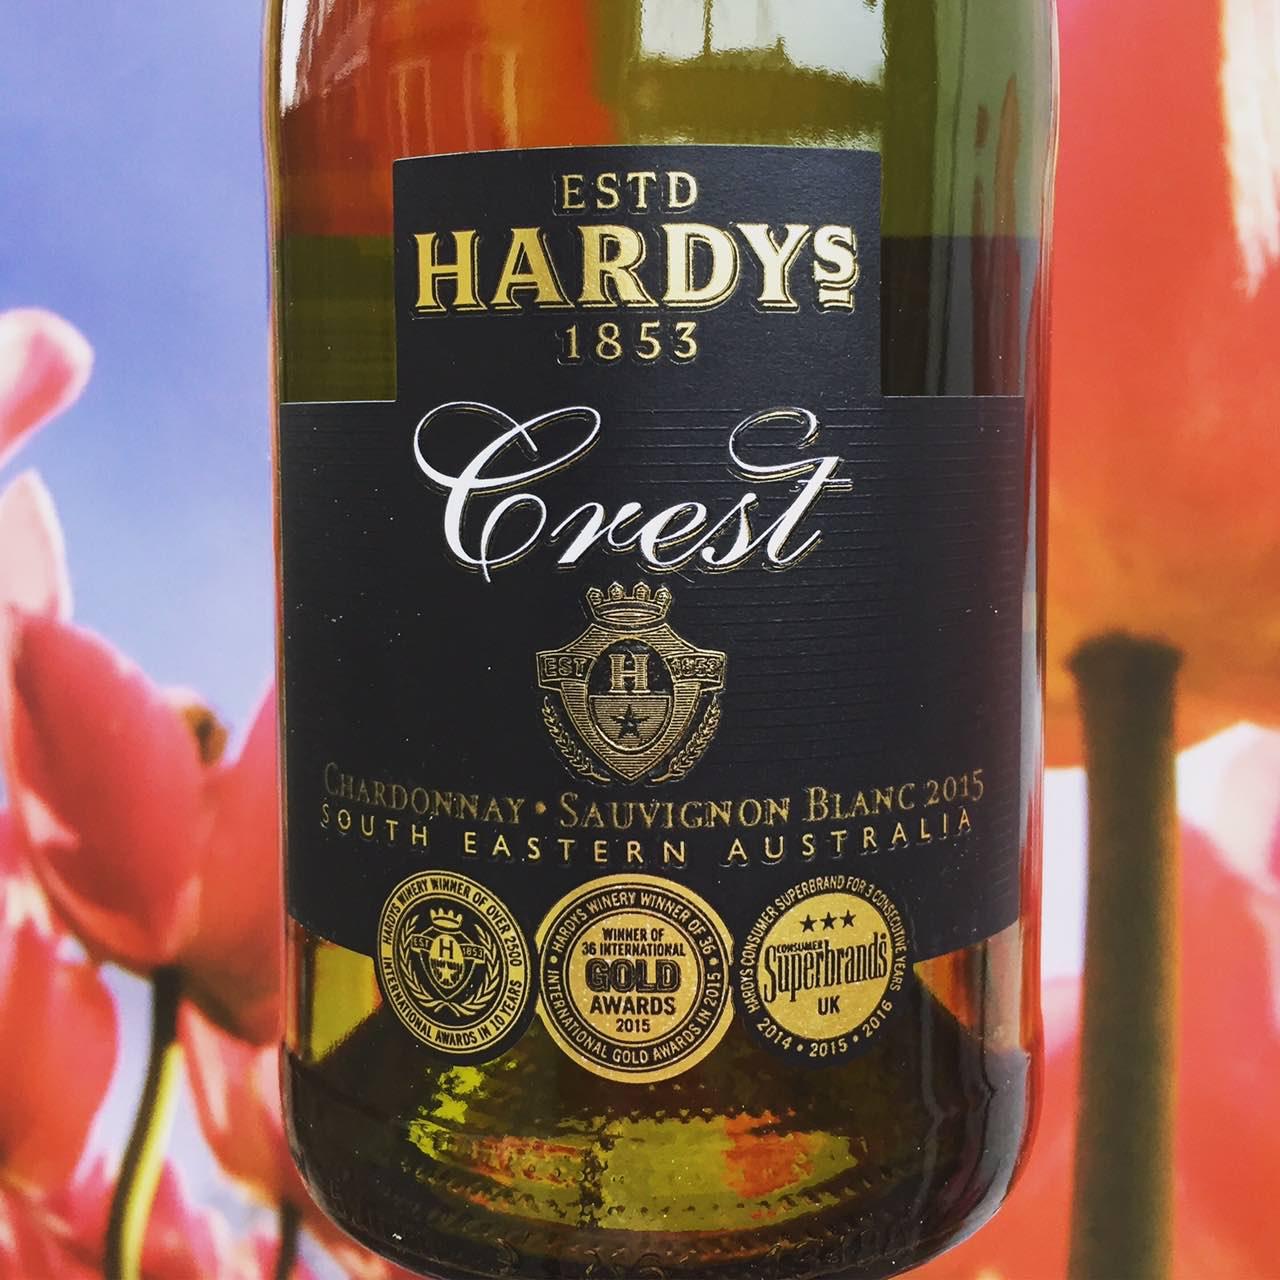 Hardy's Crest wit wijnreview door Mama Drinkt Wijn, vinoloog sinds 2006